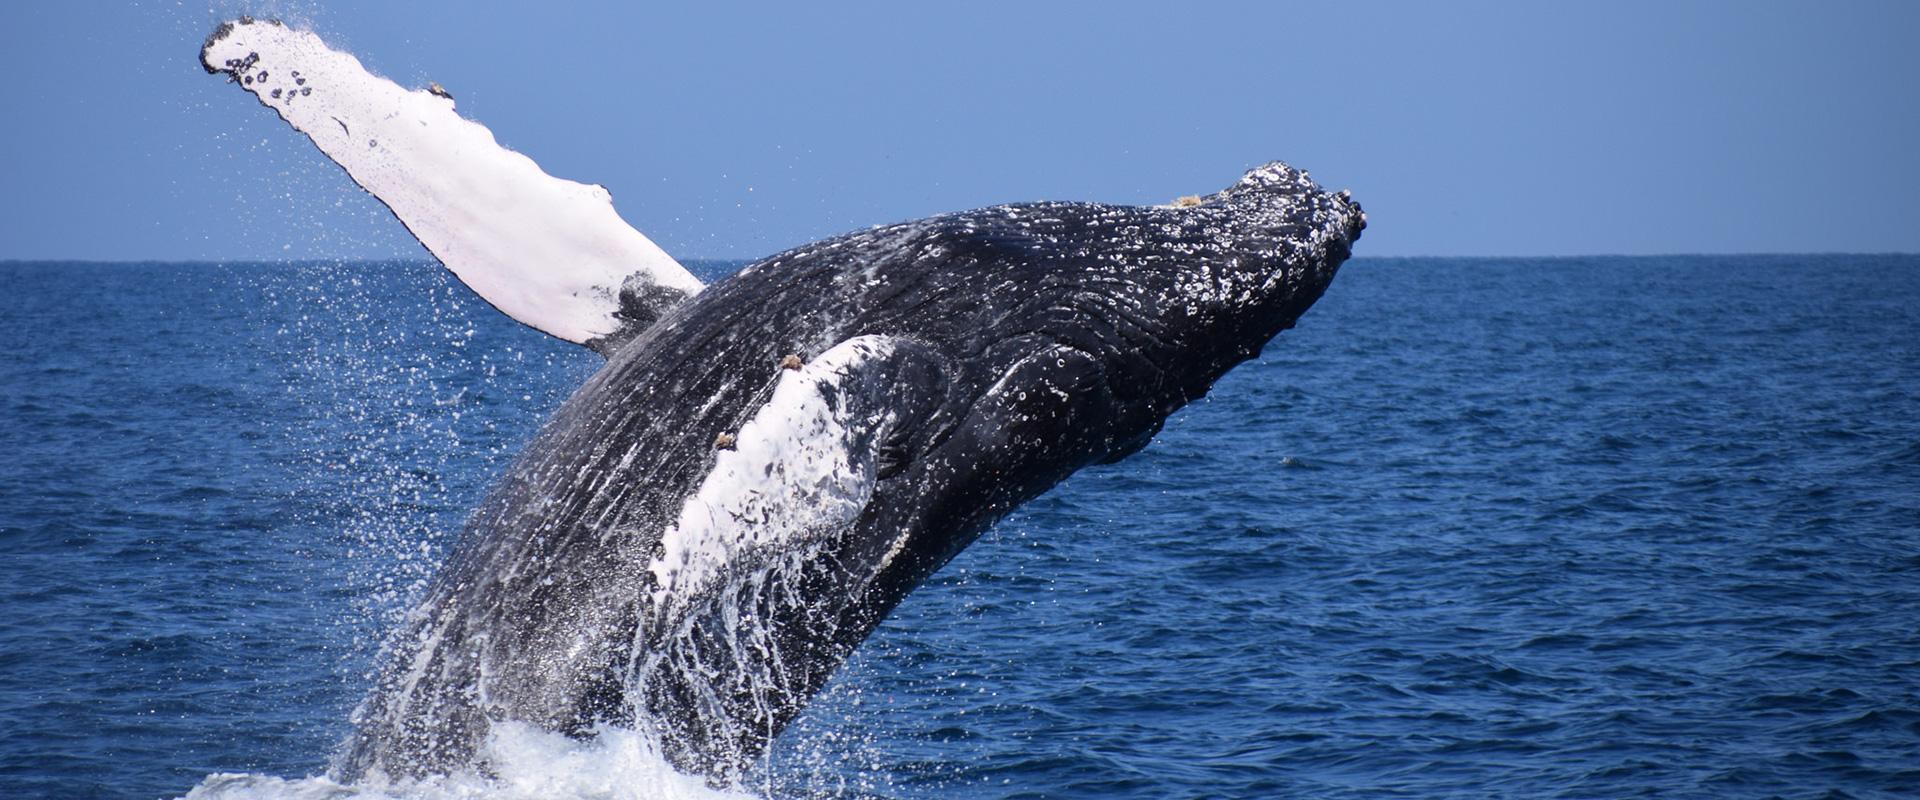 Ecuador Whale